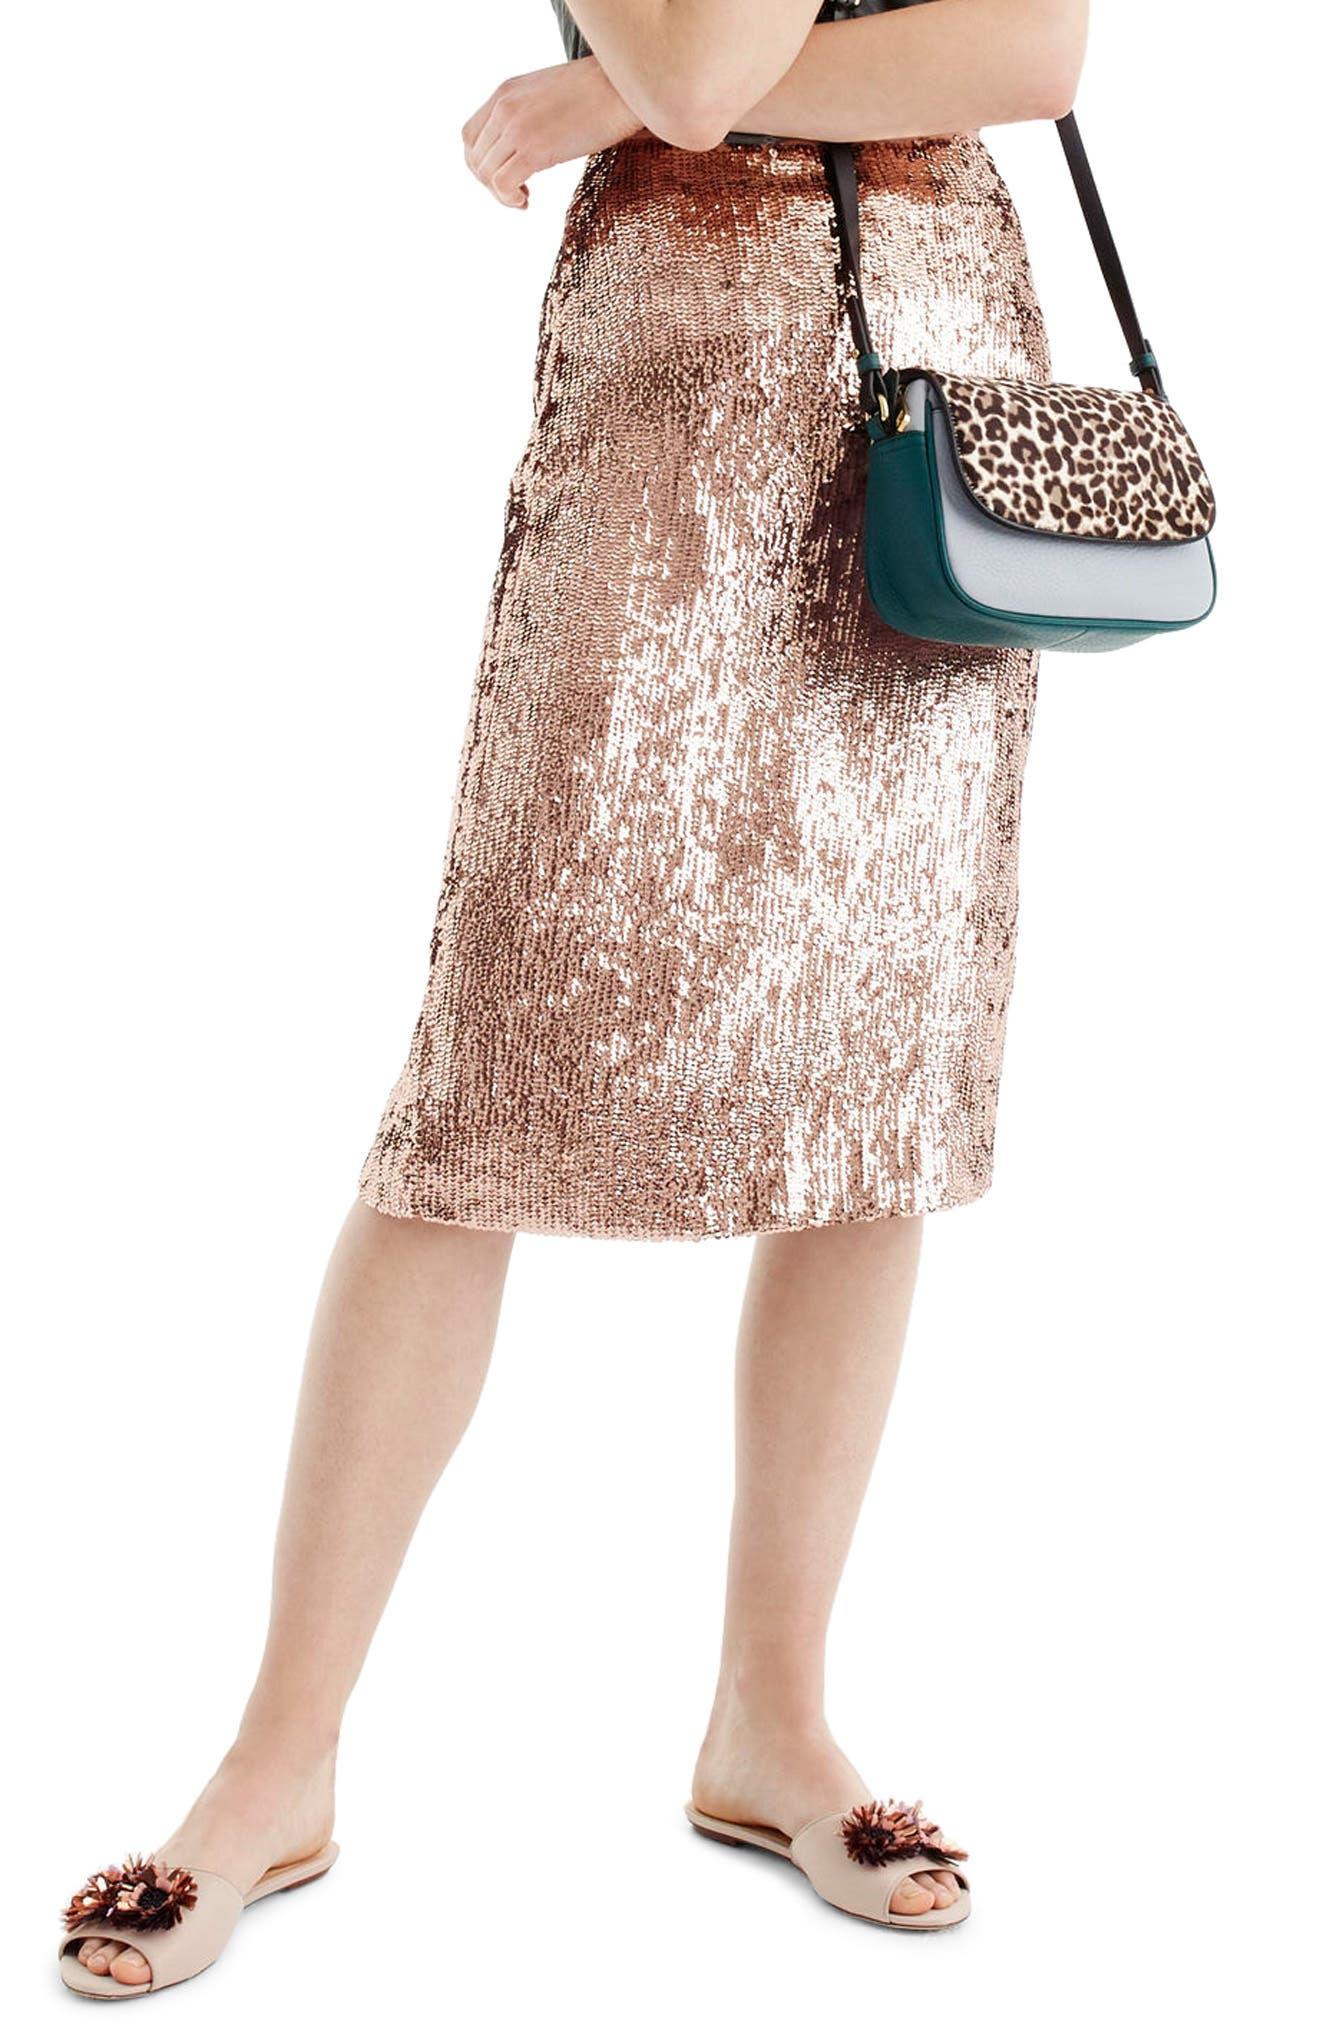 J.Crew Rose Gold Sequin Skirt